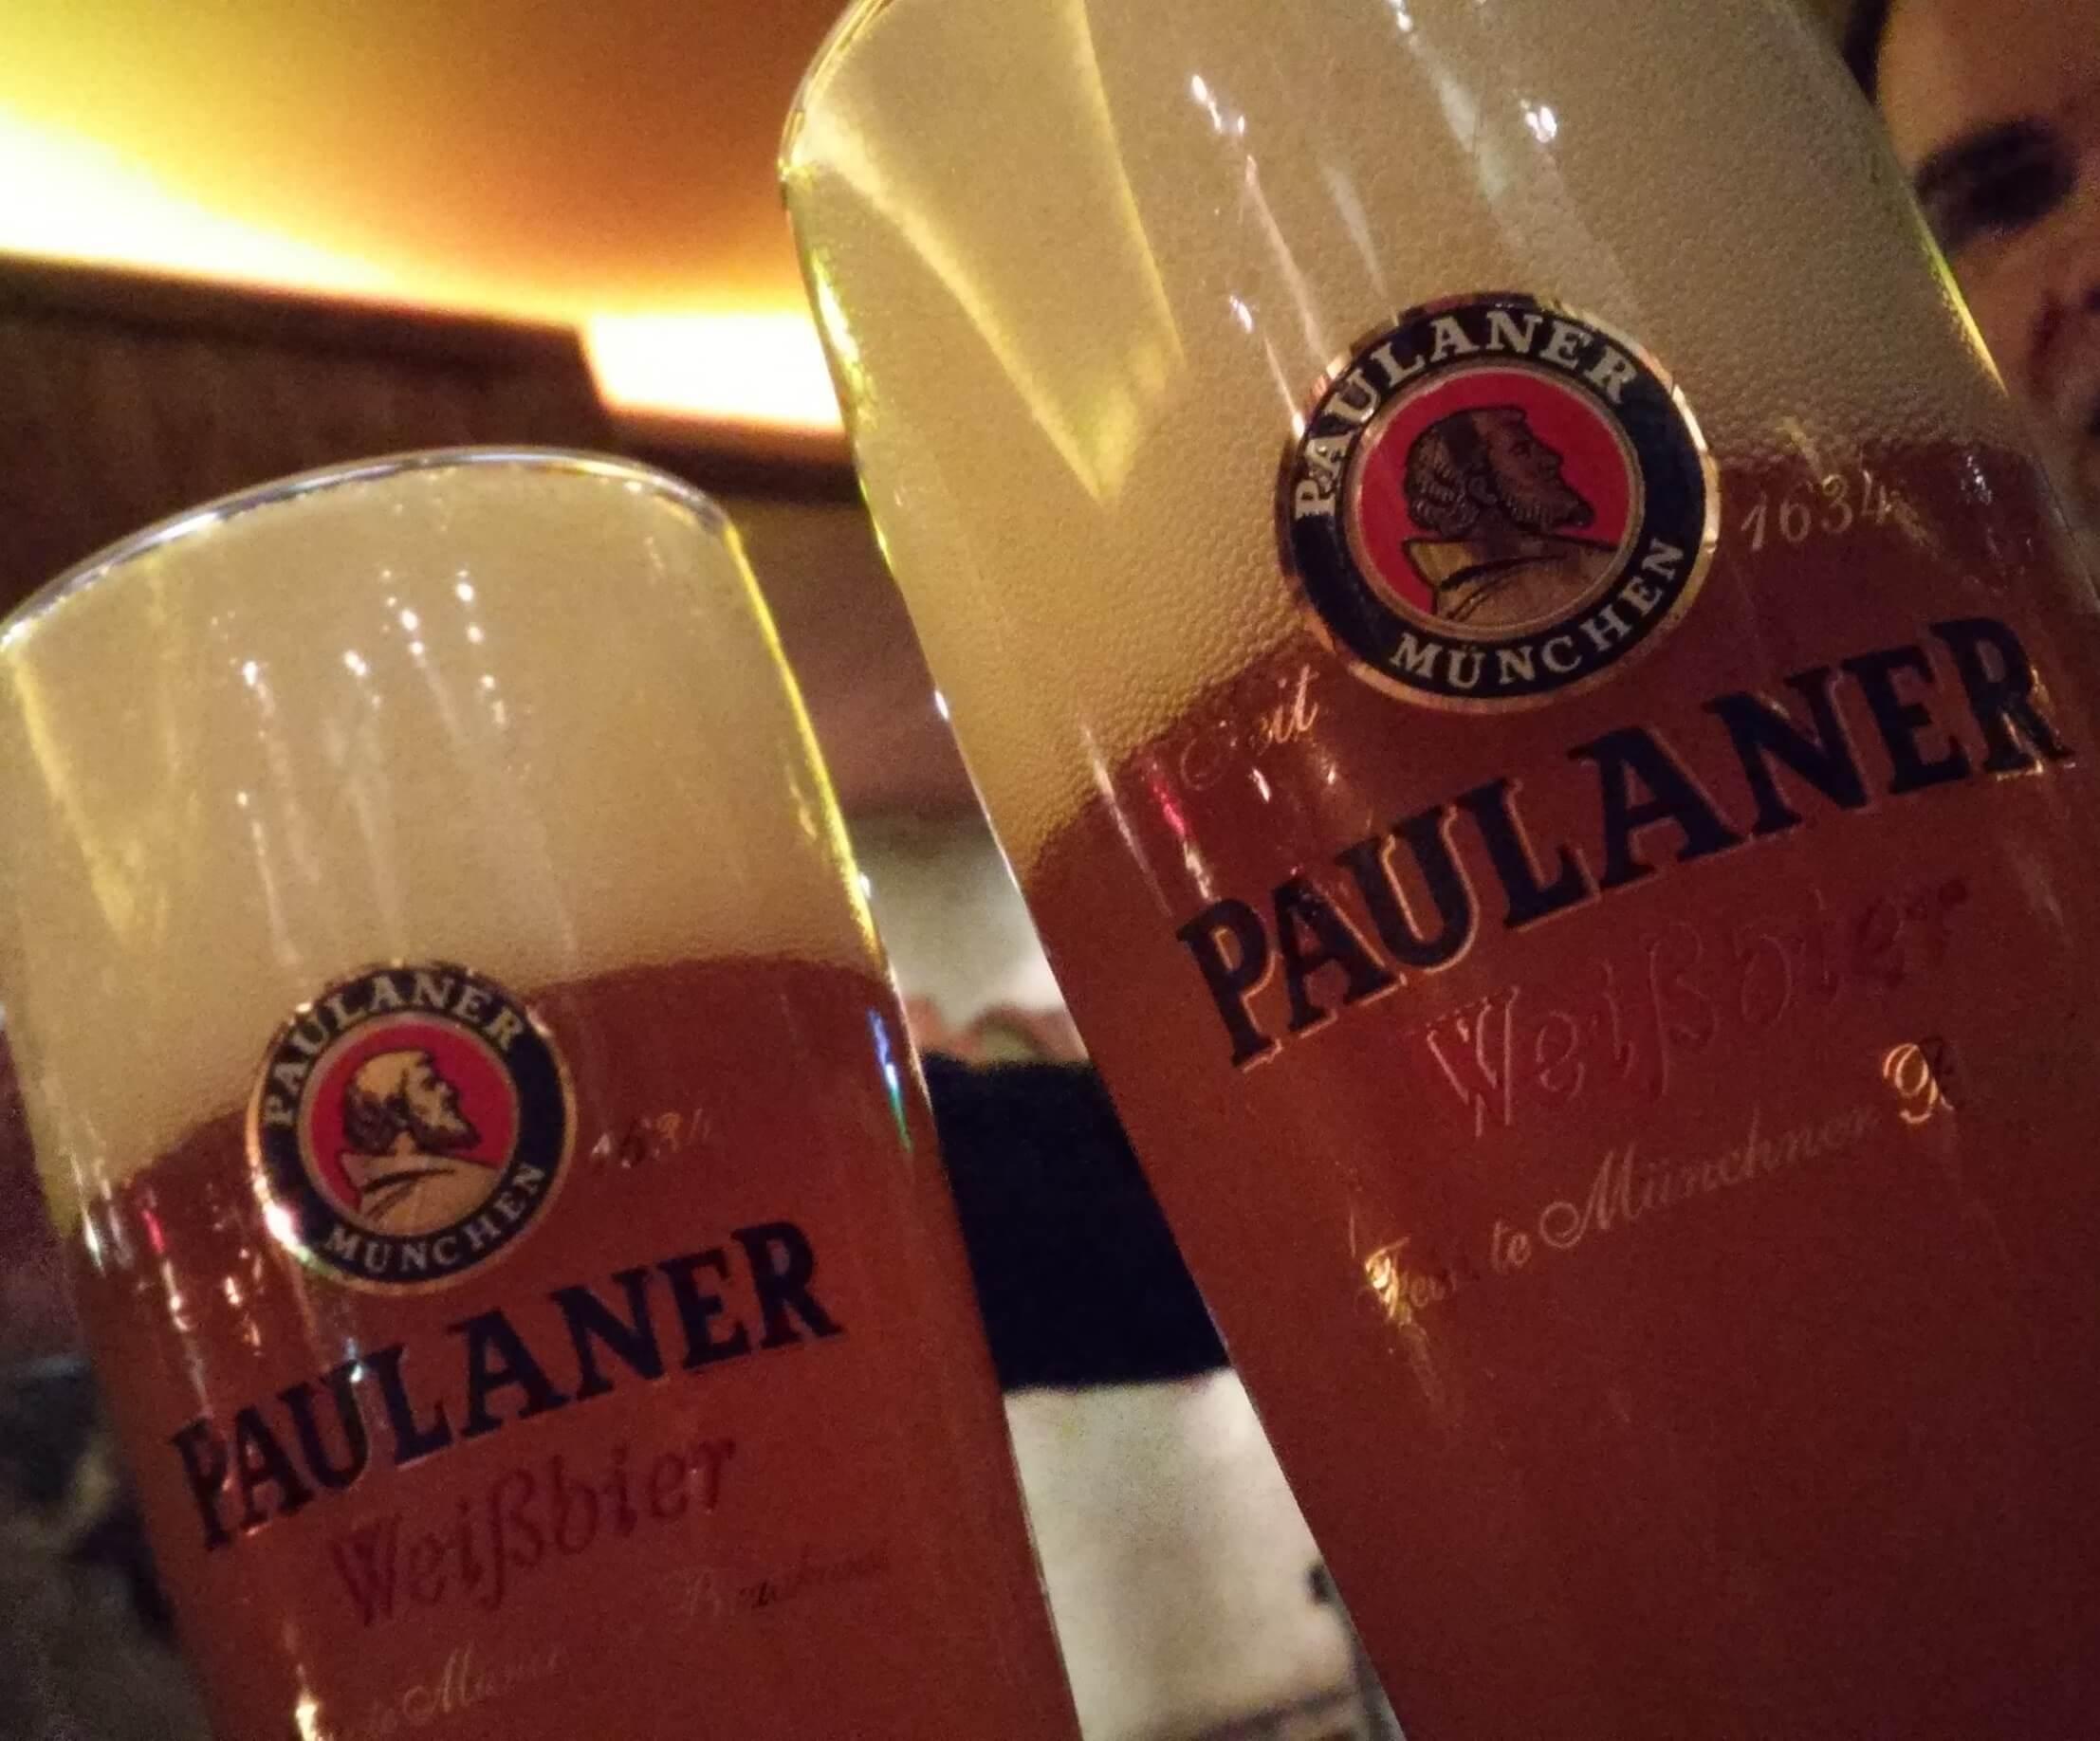 De cervezas por Cuenca